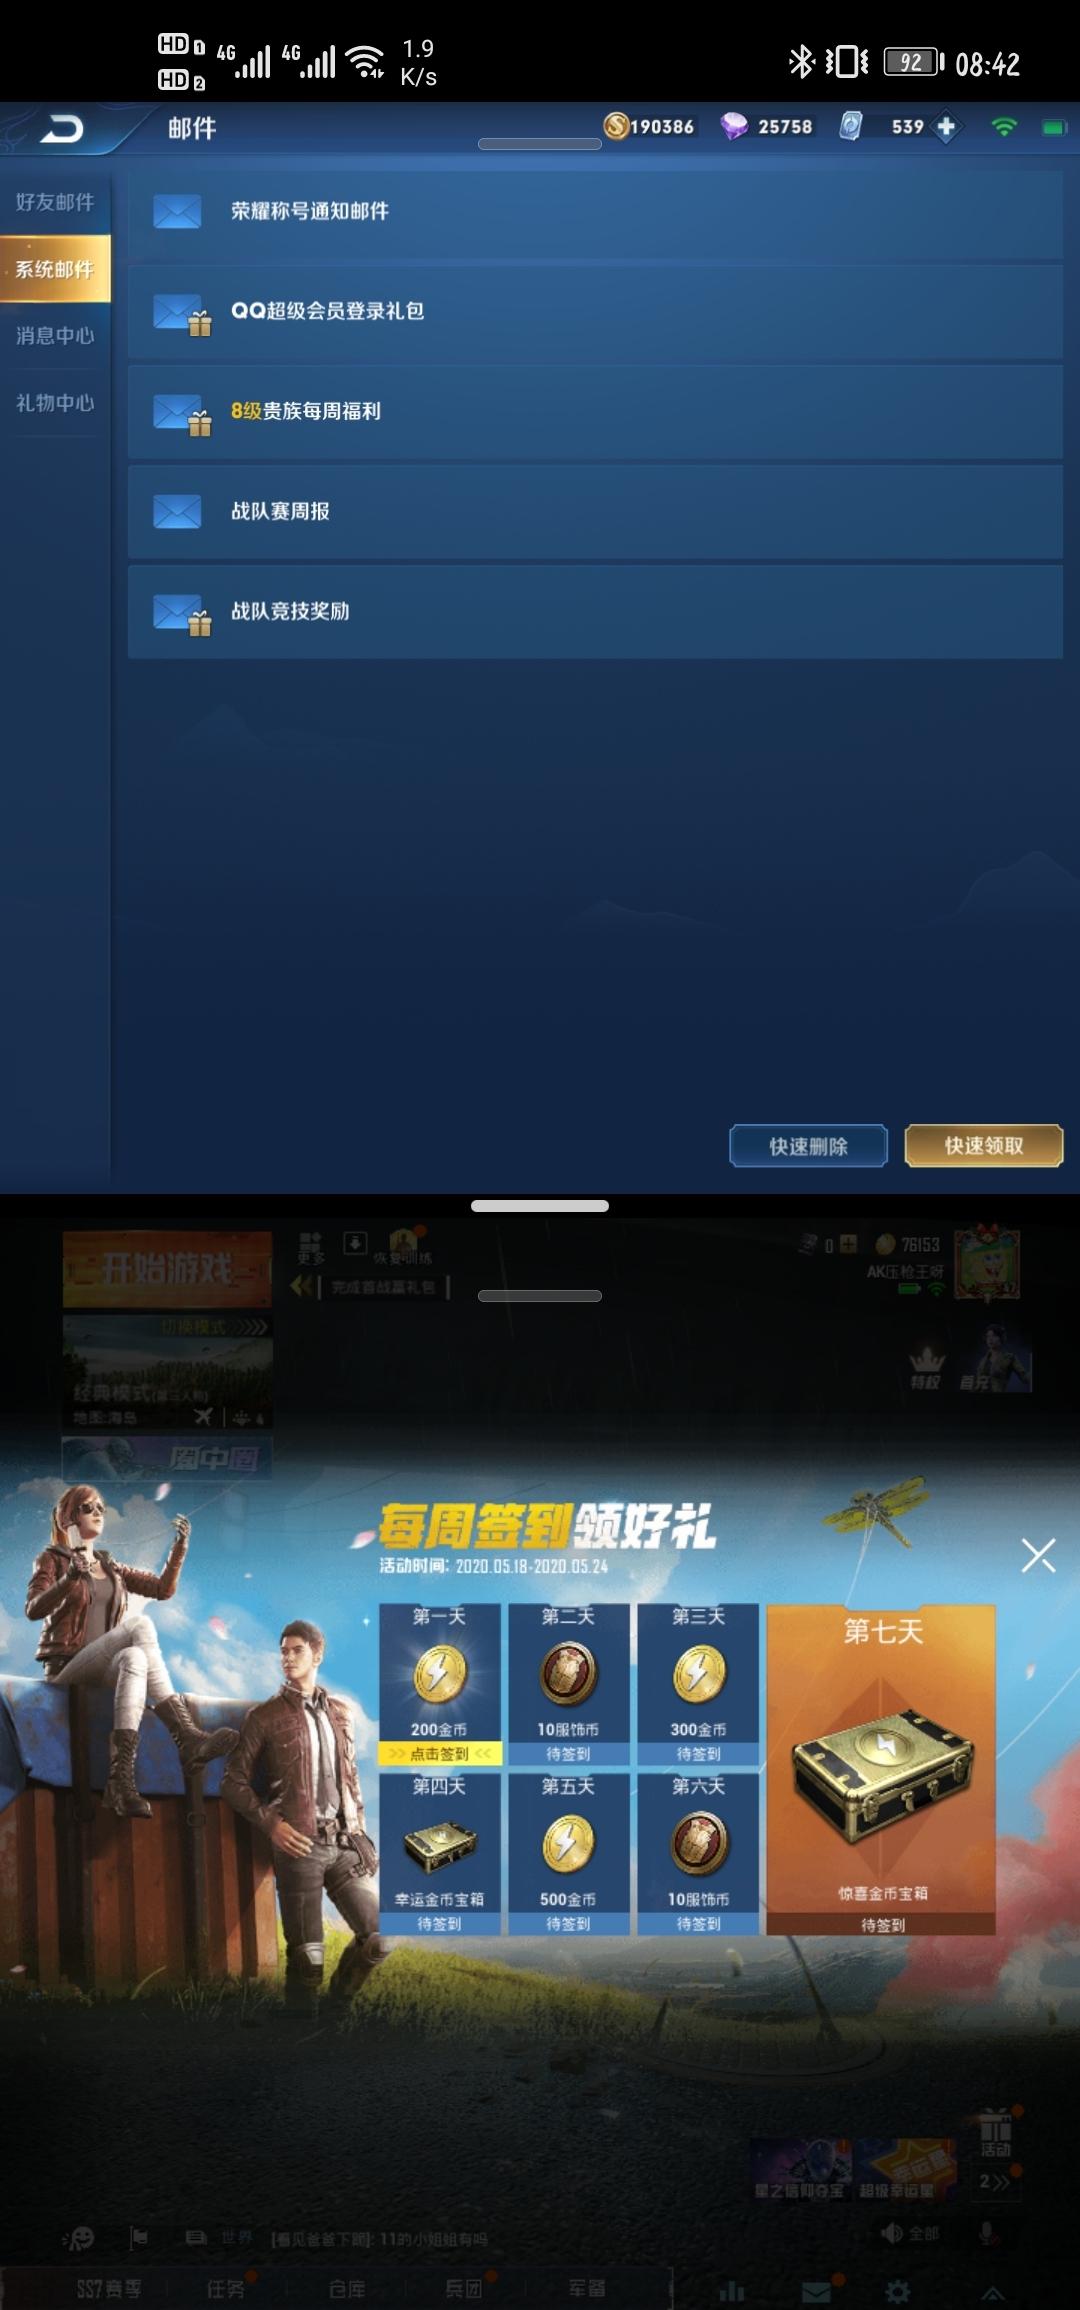 Screenshot_20200518_084208_com.tencent.tmgp.pubgmhd.jpg